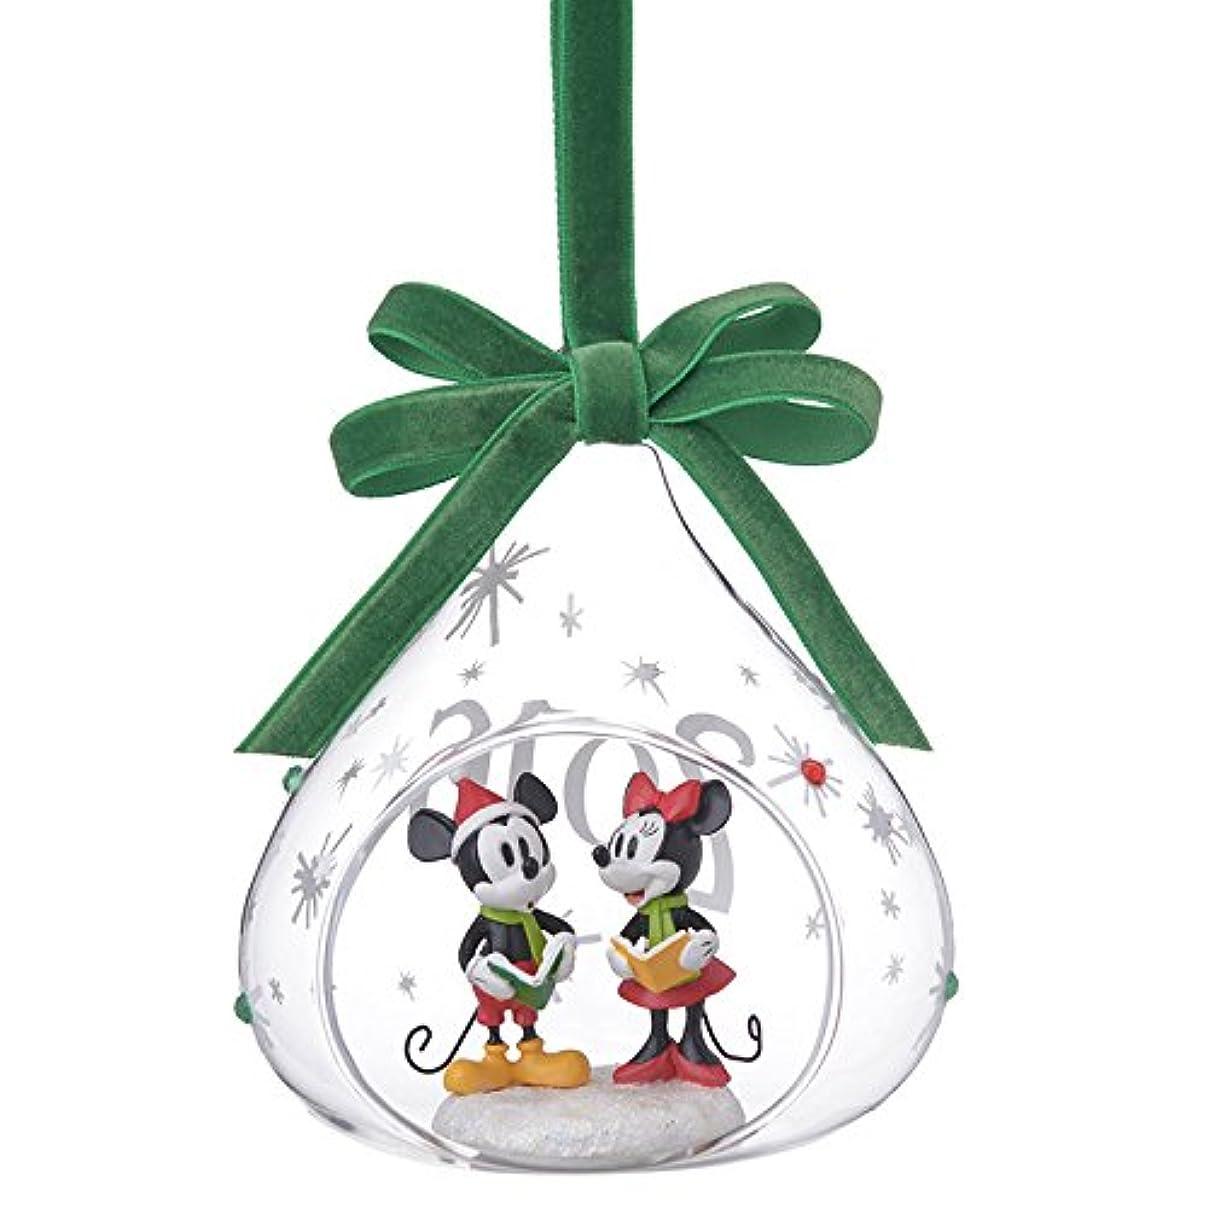 境界チート好色な【 ディズニー 公式 】 2016 クリスマス 限定 オーナメント  ミッキー & ミニー ( Disney プレゼント ギフト グッズ )正規品